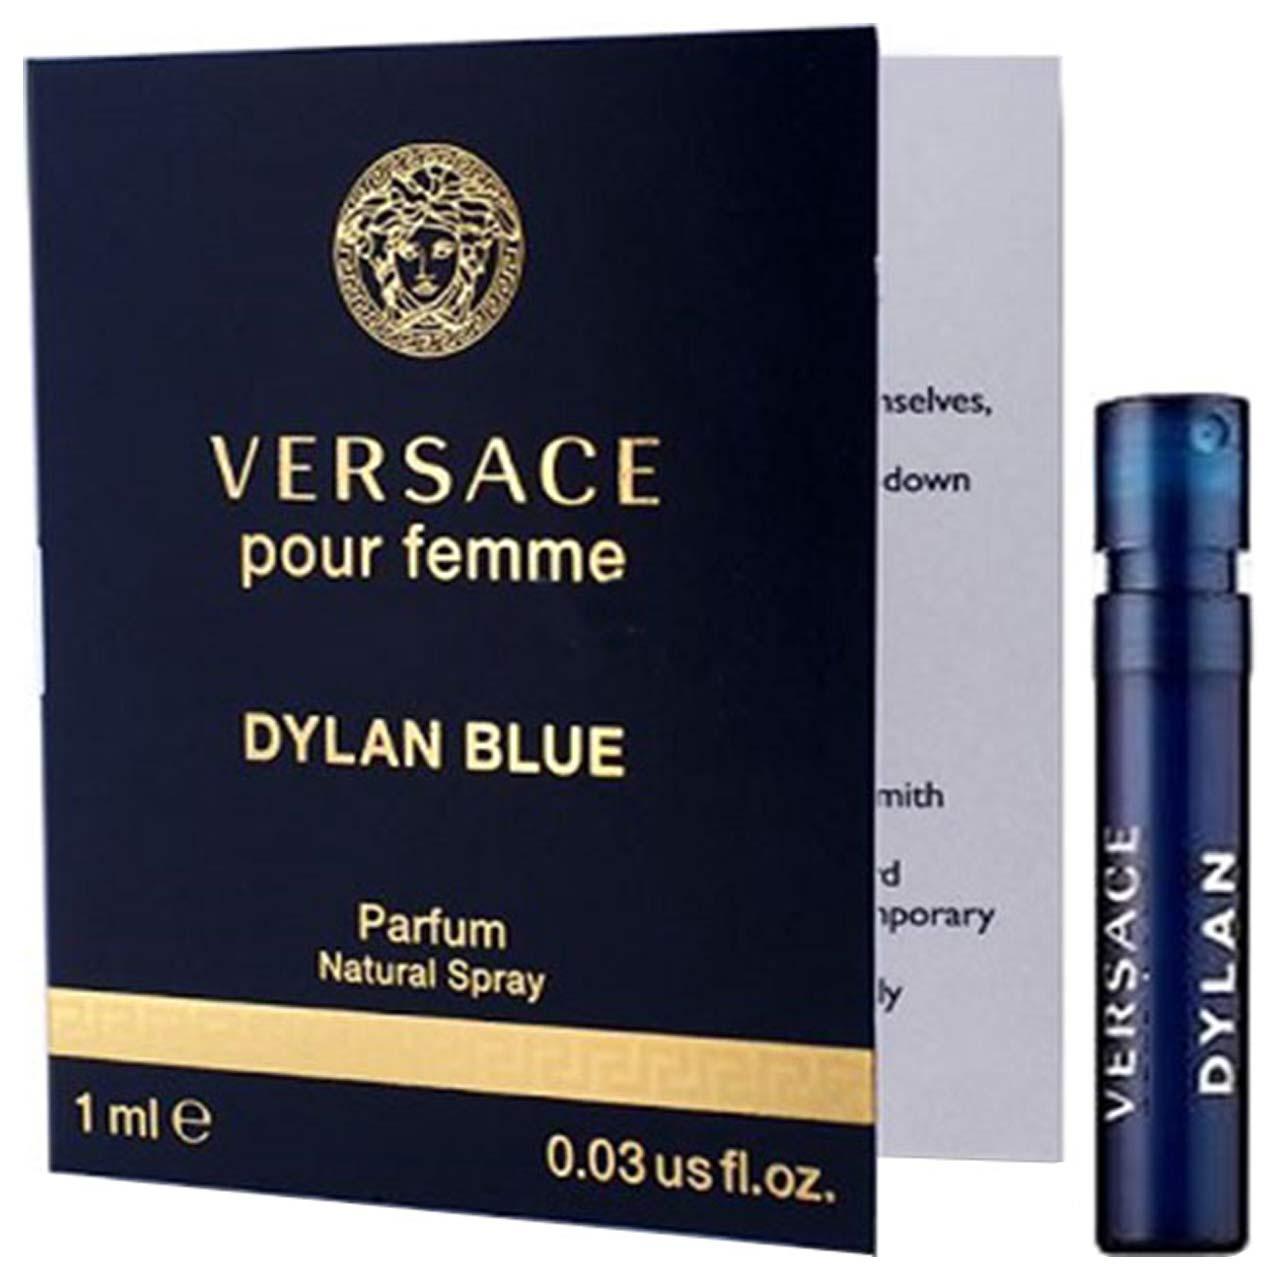 عطر جیبی زنانه ورساچه مدل Dylan Blue حجم 1 میلی لیتر